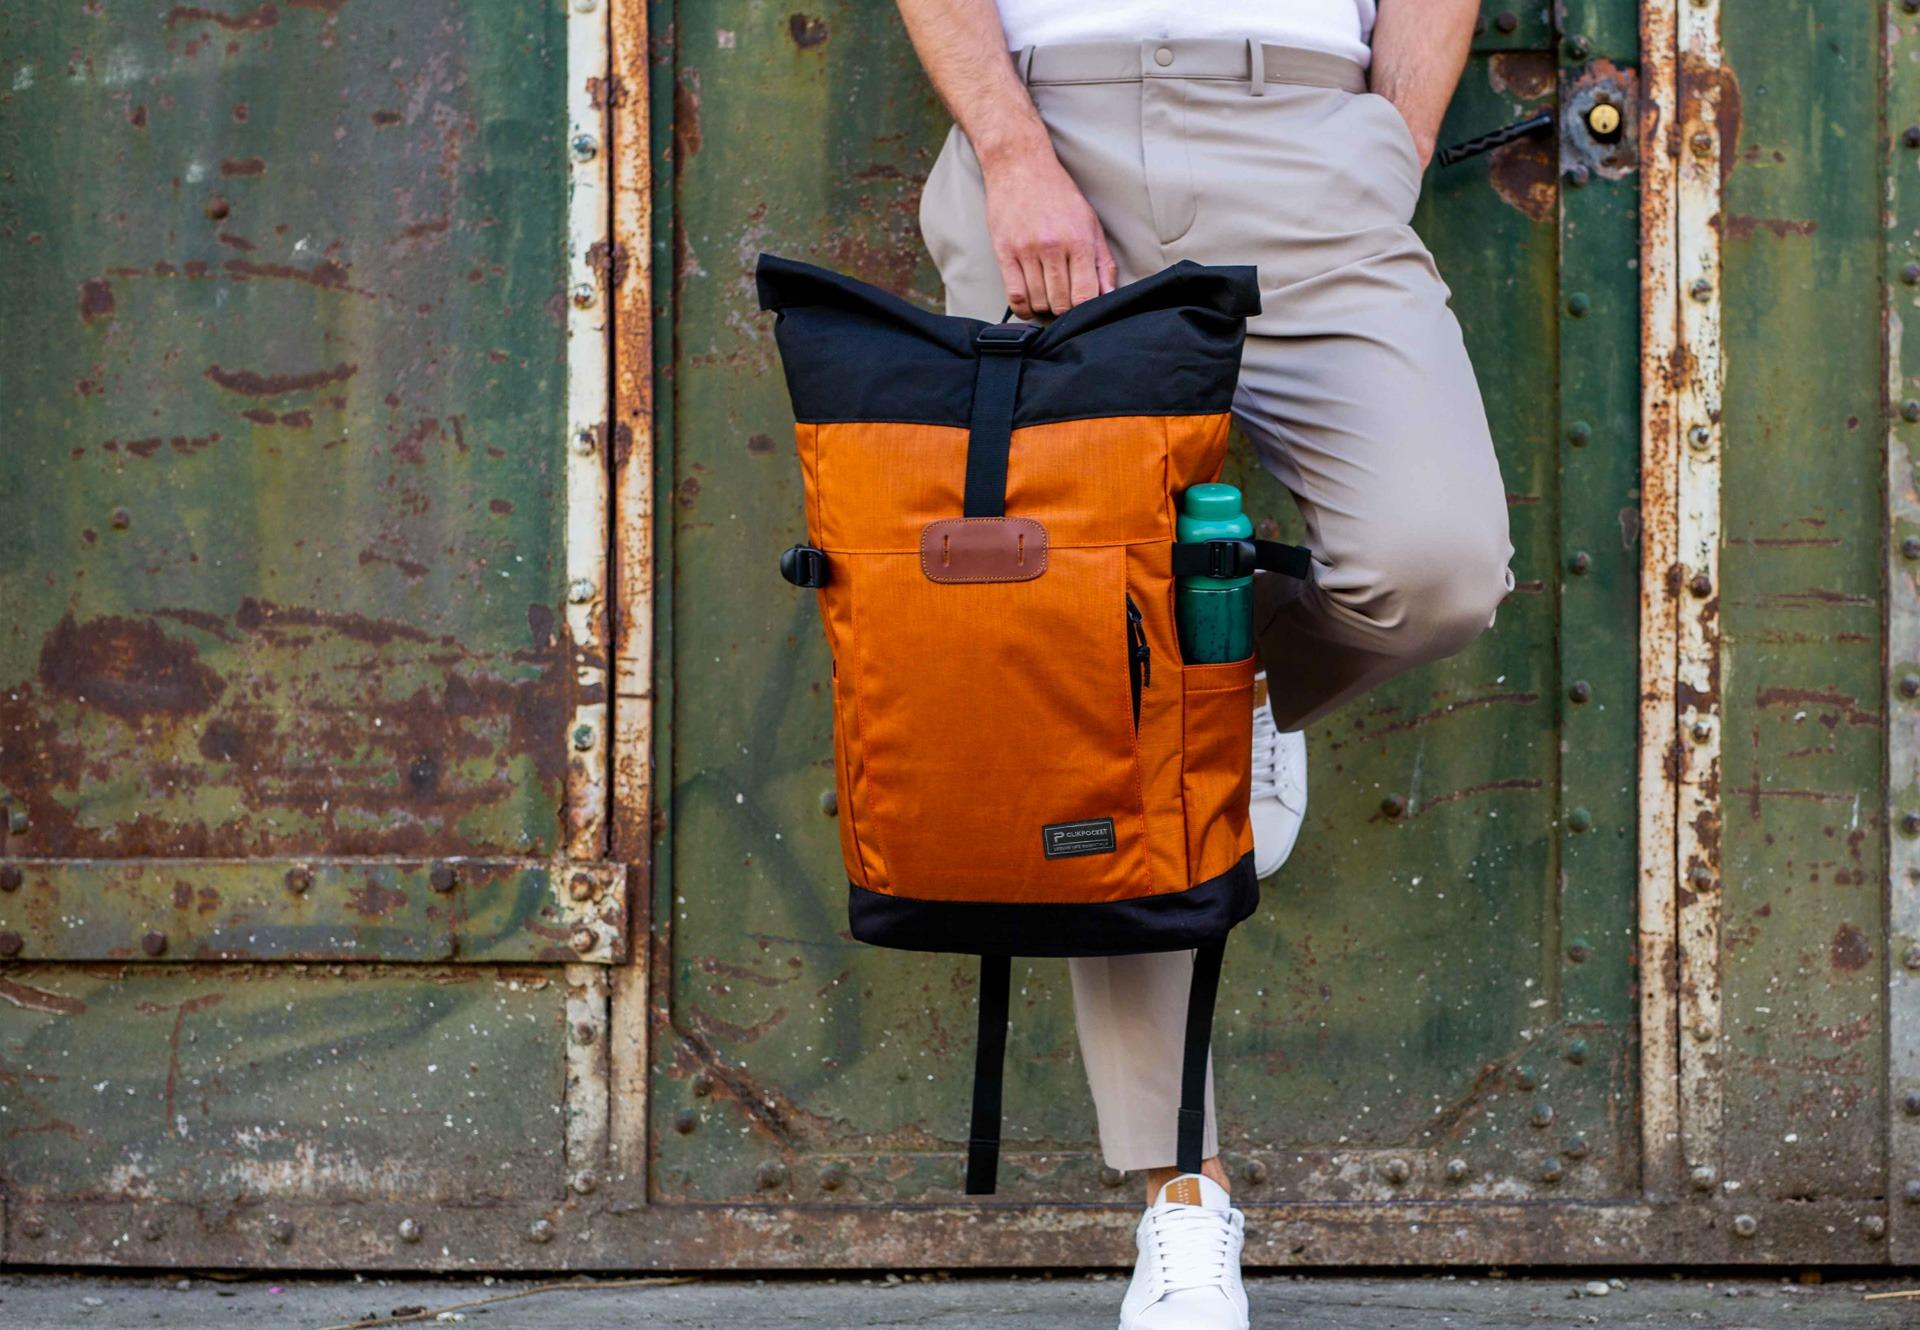 Sac à dos Clikpocket Nomad cuivre porté à la main par un homme en milieu urbain